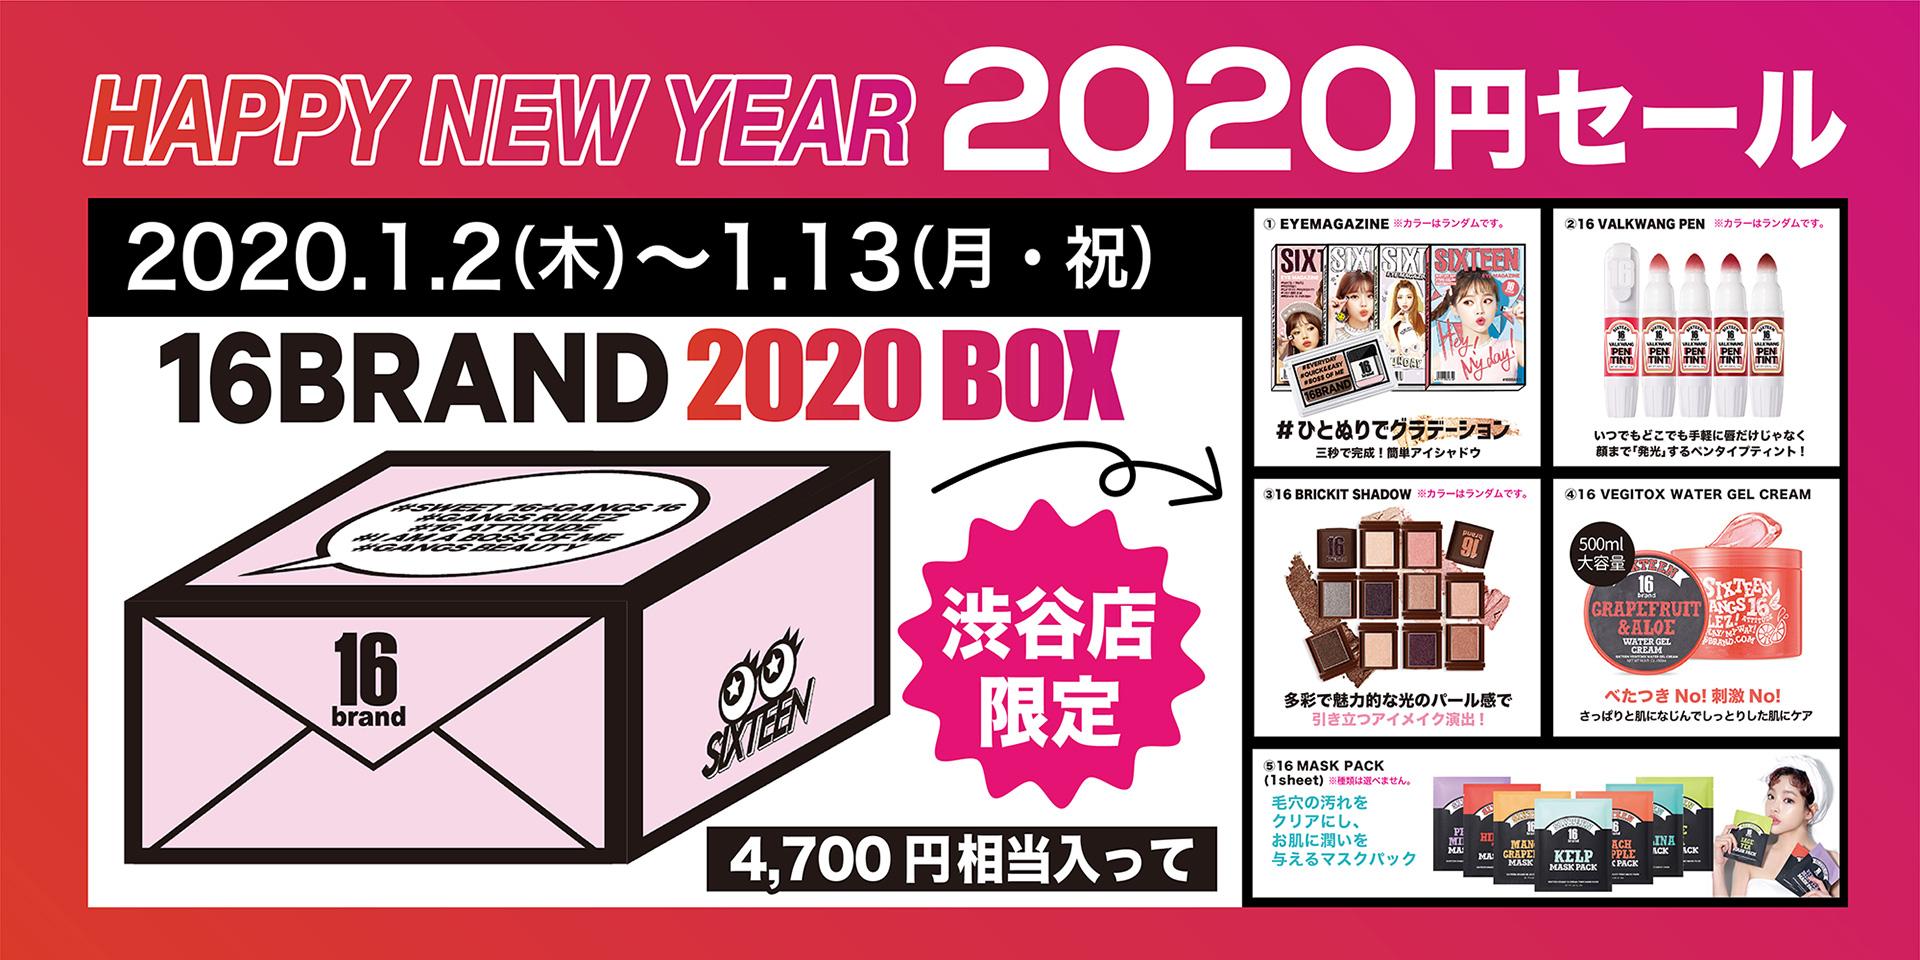 2020_1月キャンペーンa